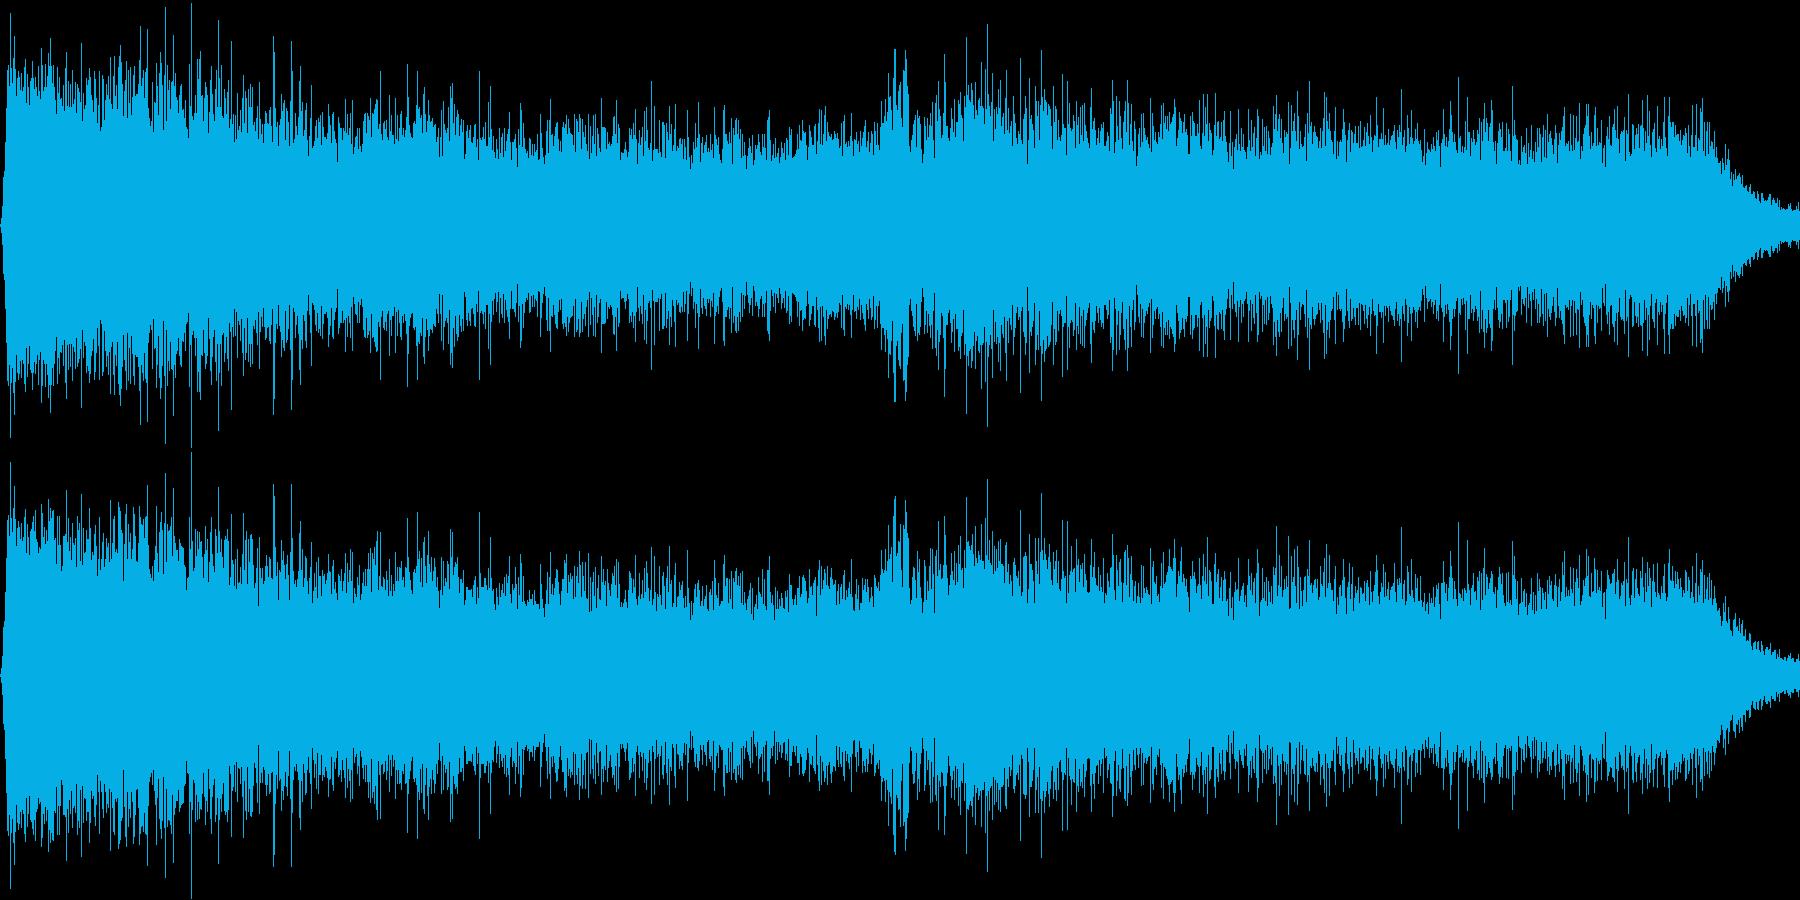 雨が降ってるような音の再生済みの波形